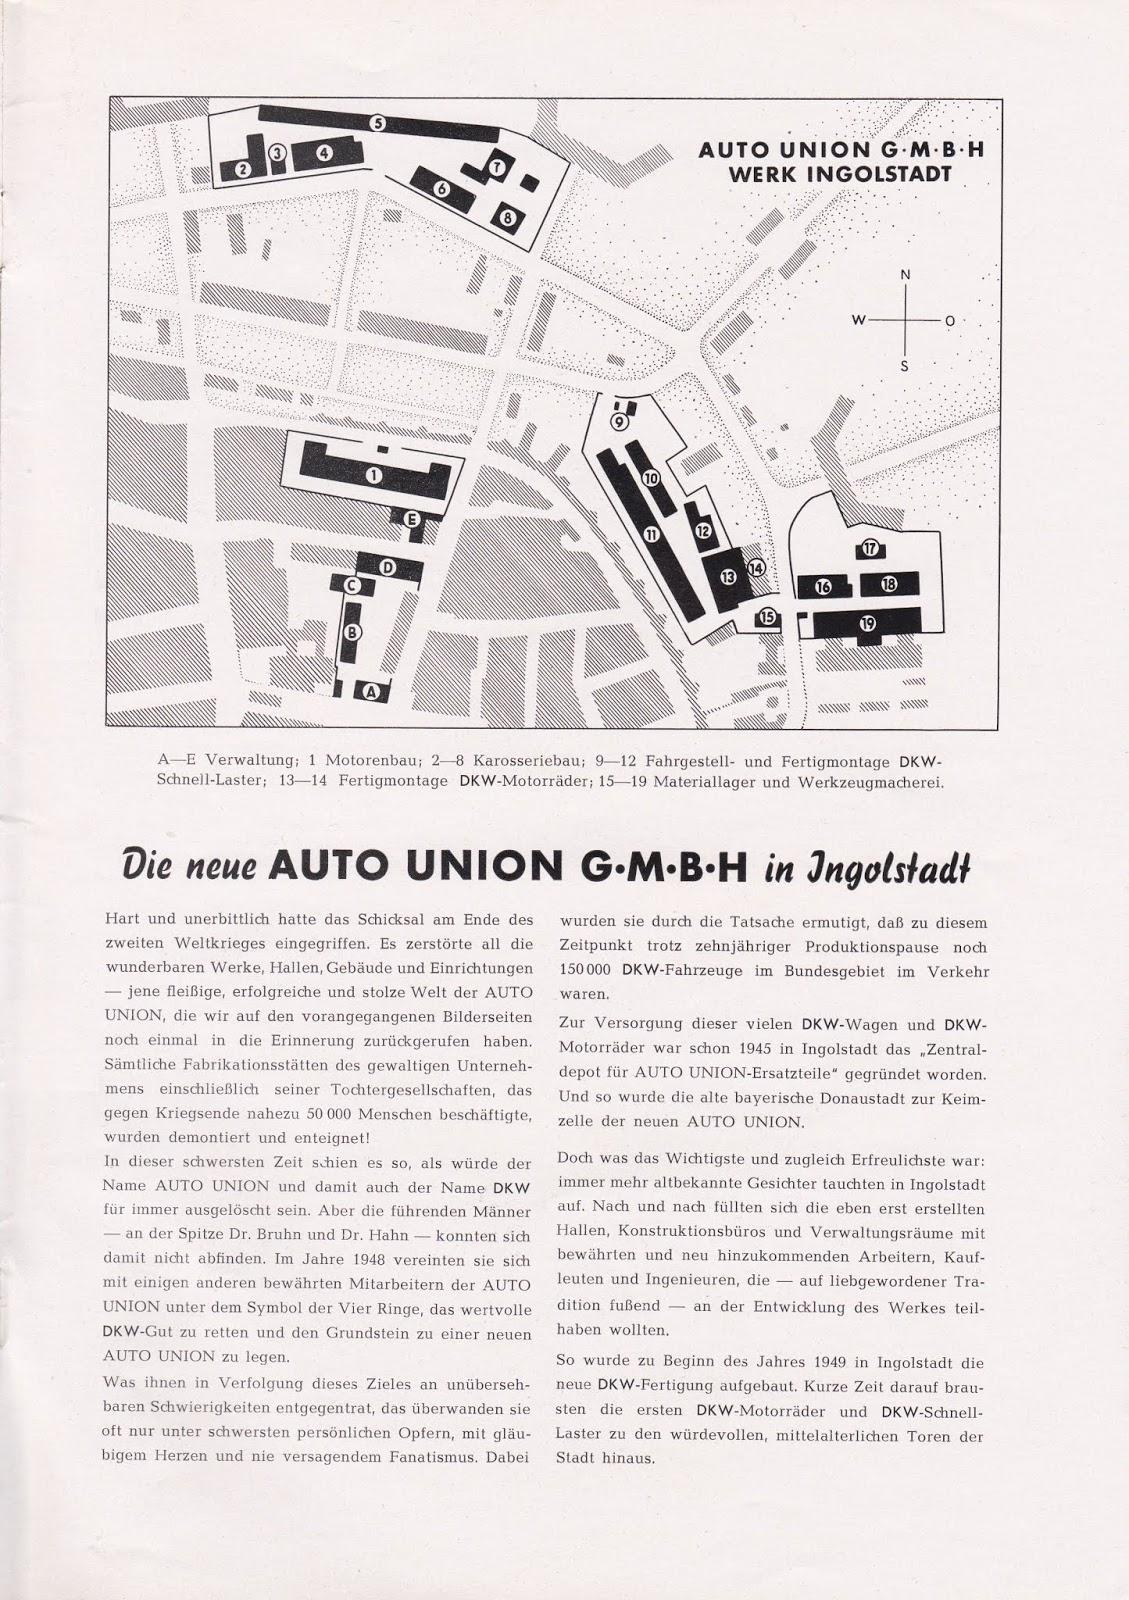 DKW Auto-Union Project: 1951 DKW Nachrichten Special